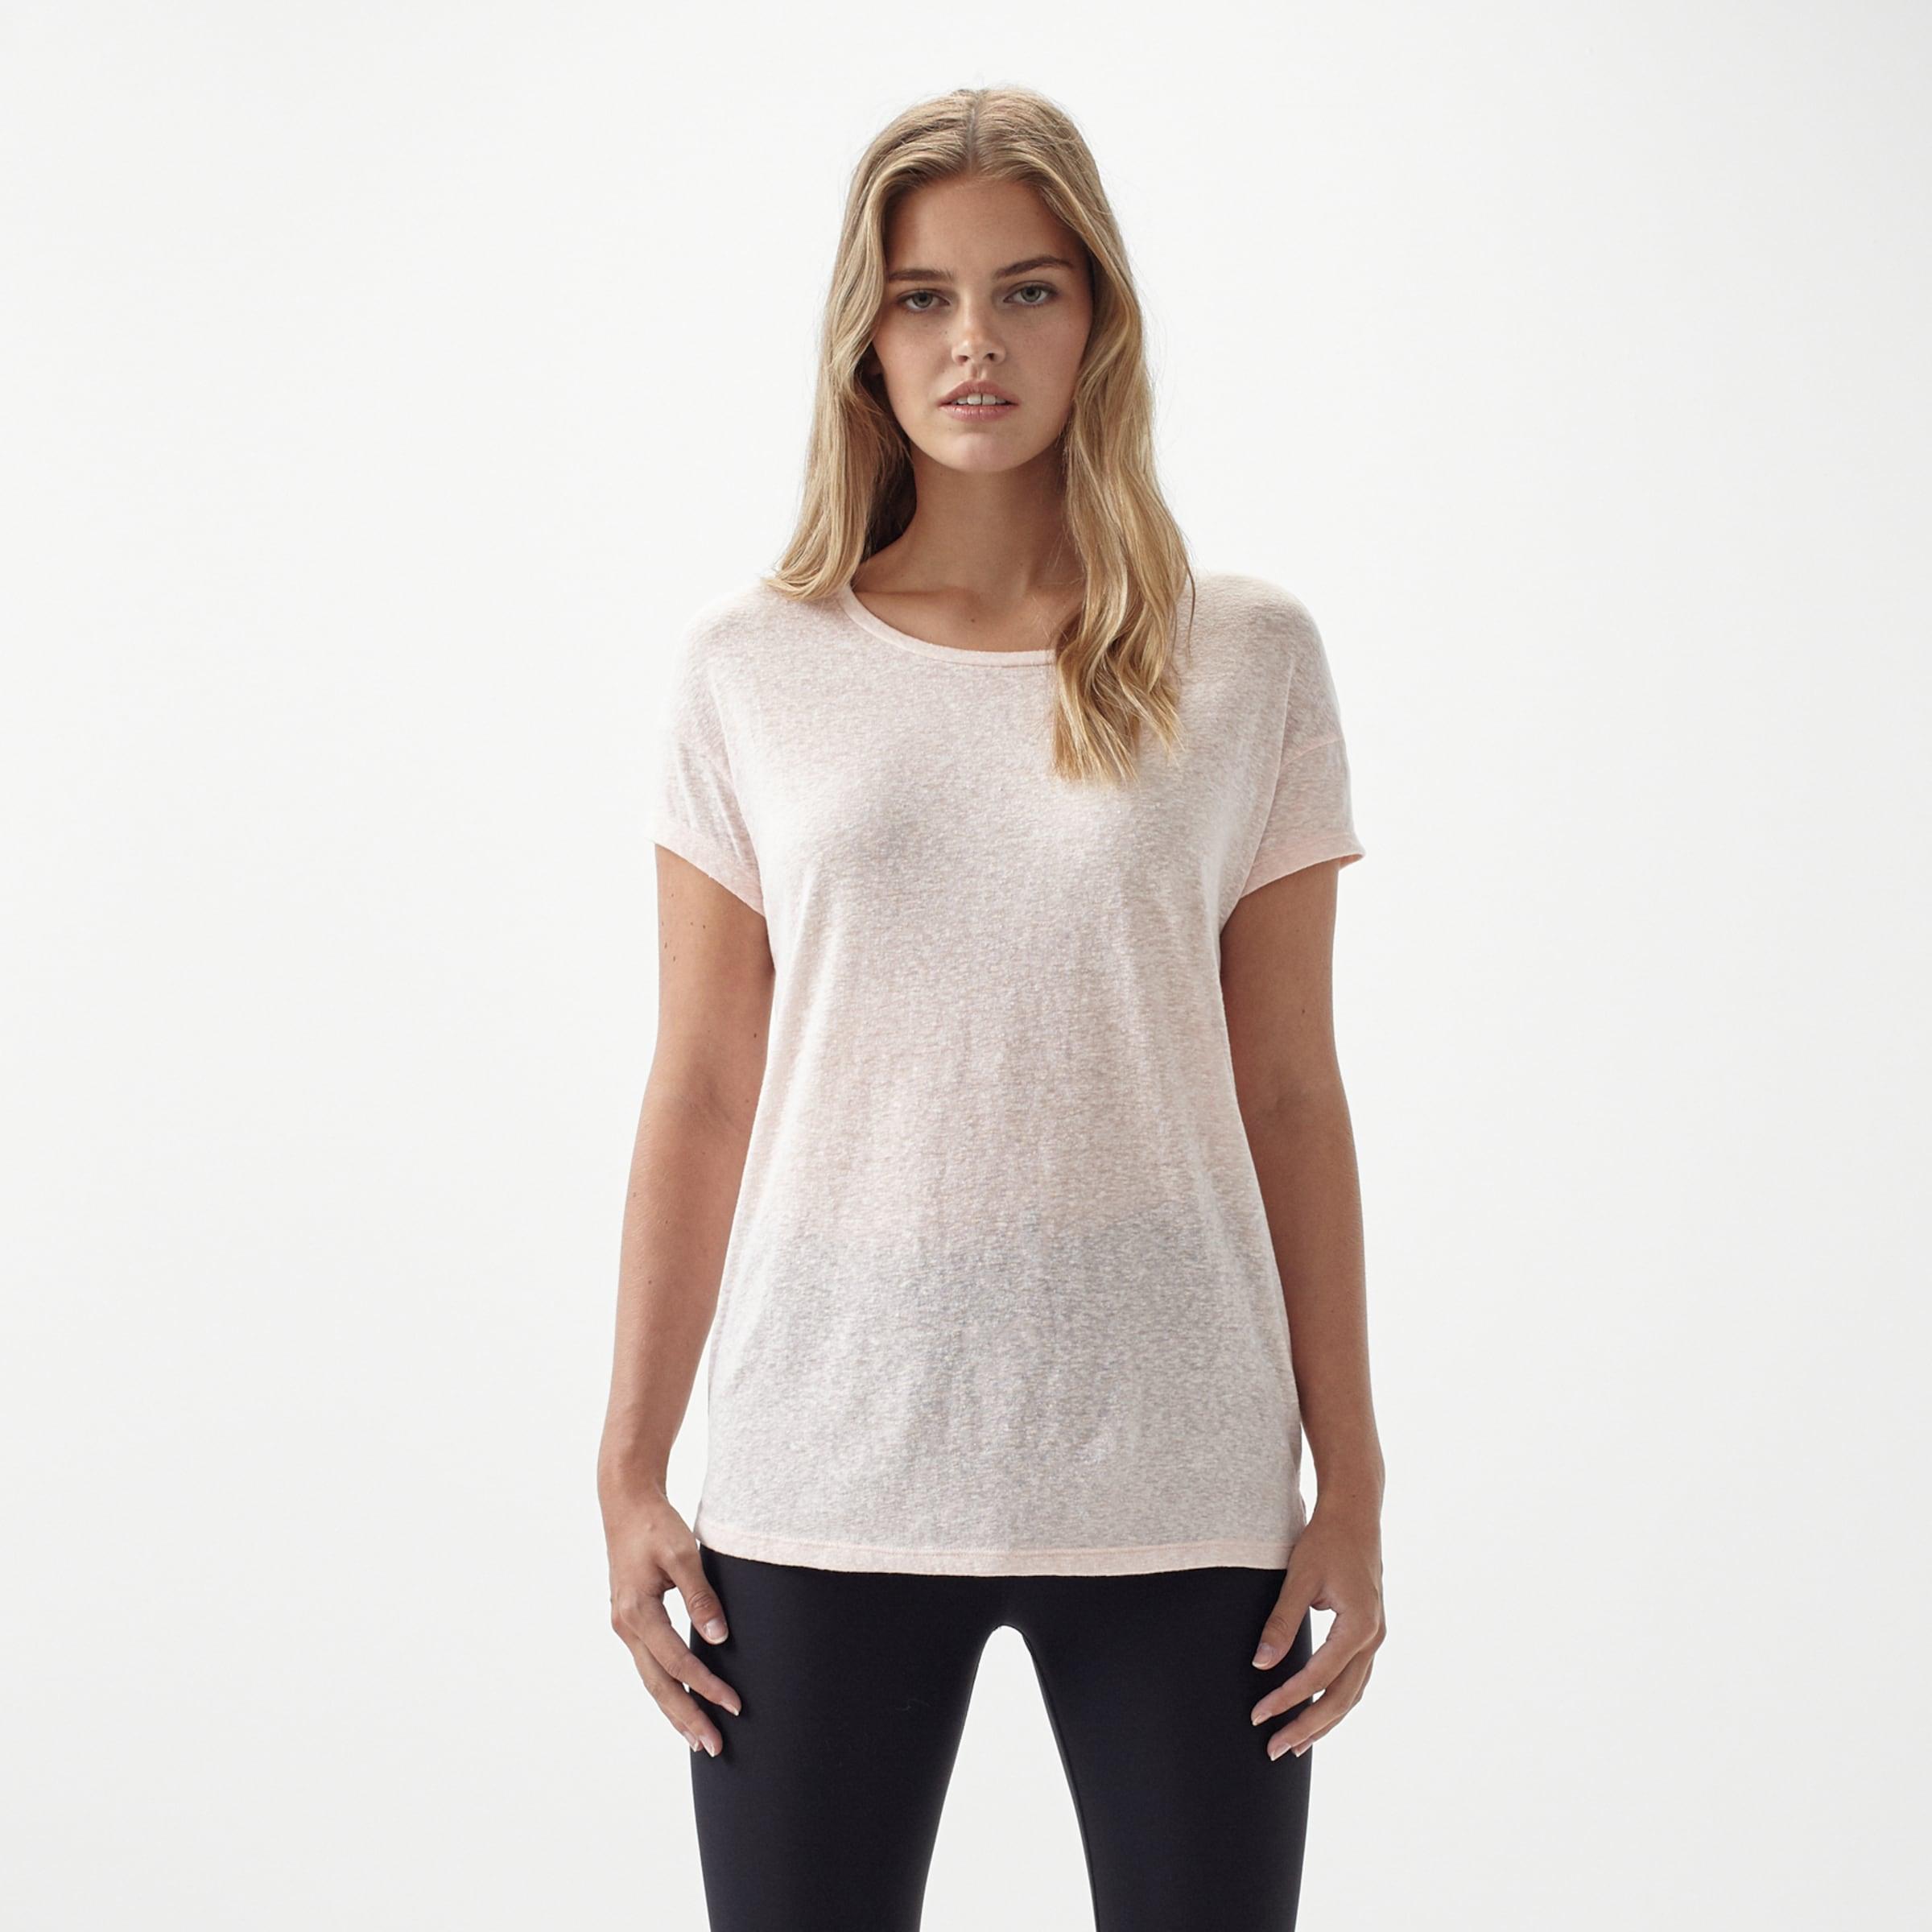 Essentials 'lw T Weiß In T O'neill shirt shirt' hsQrxdtCBo